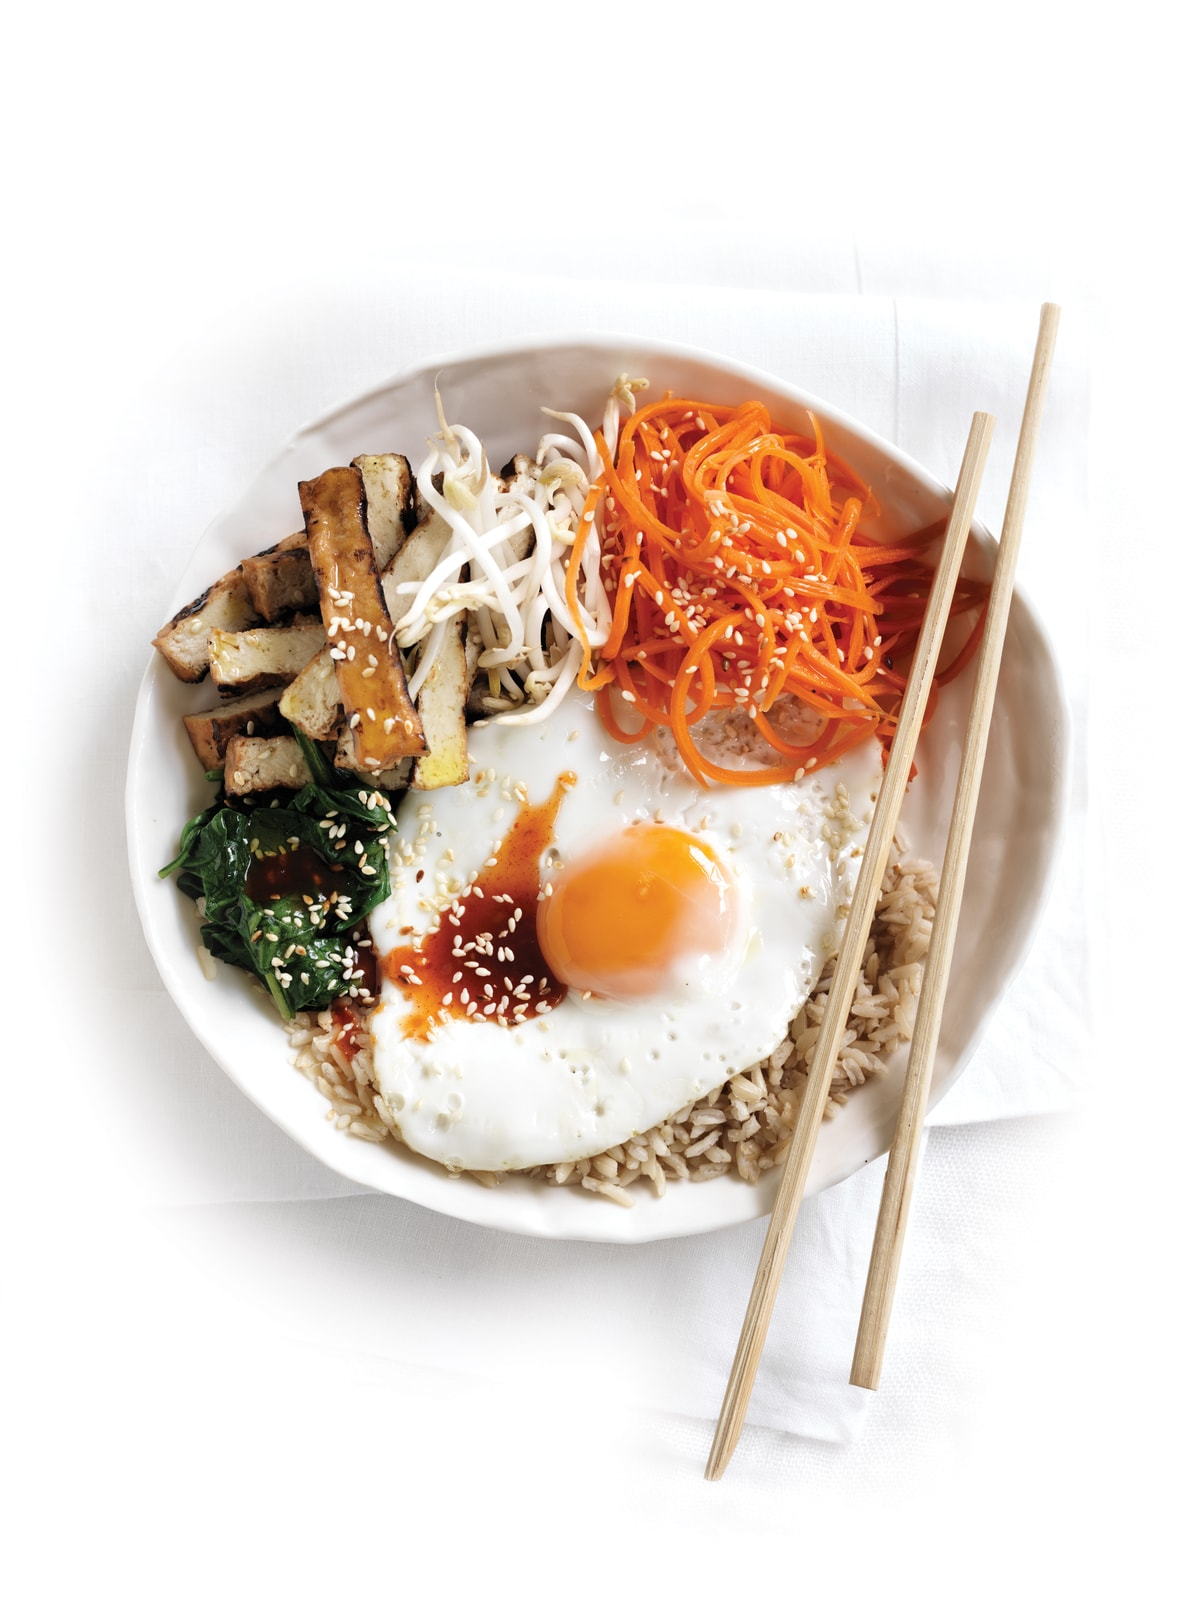 Korean Bibimbap Healthy Food Guide